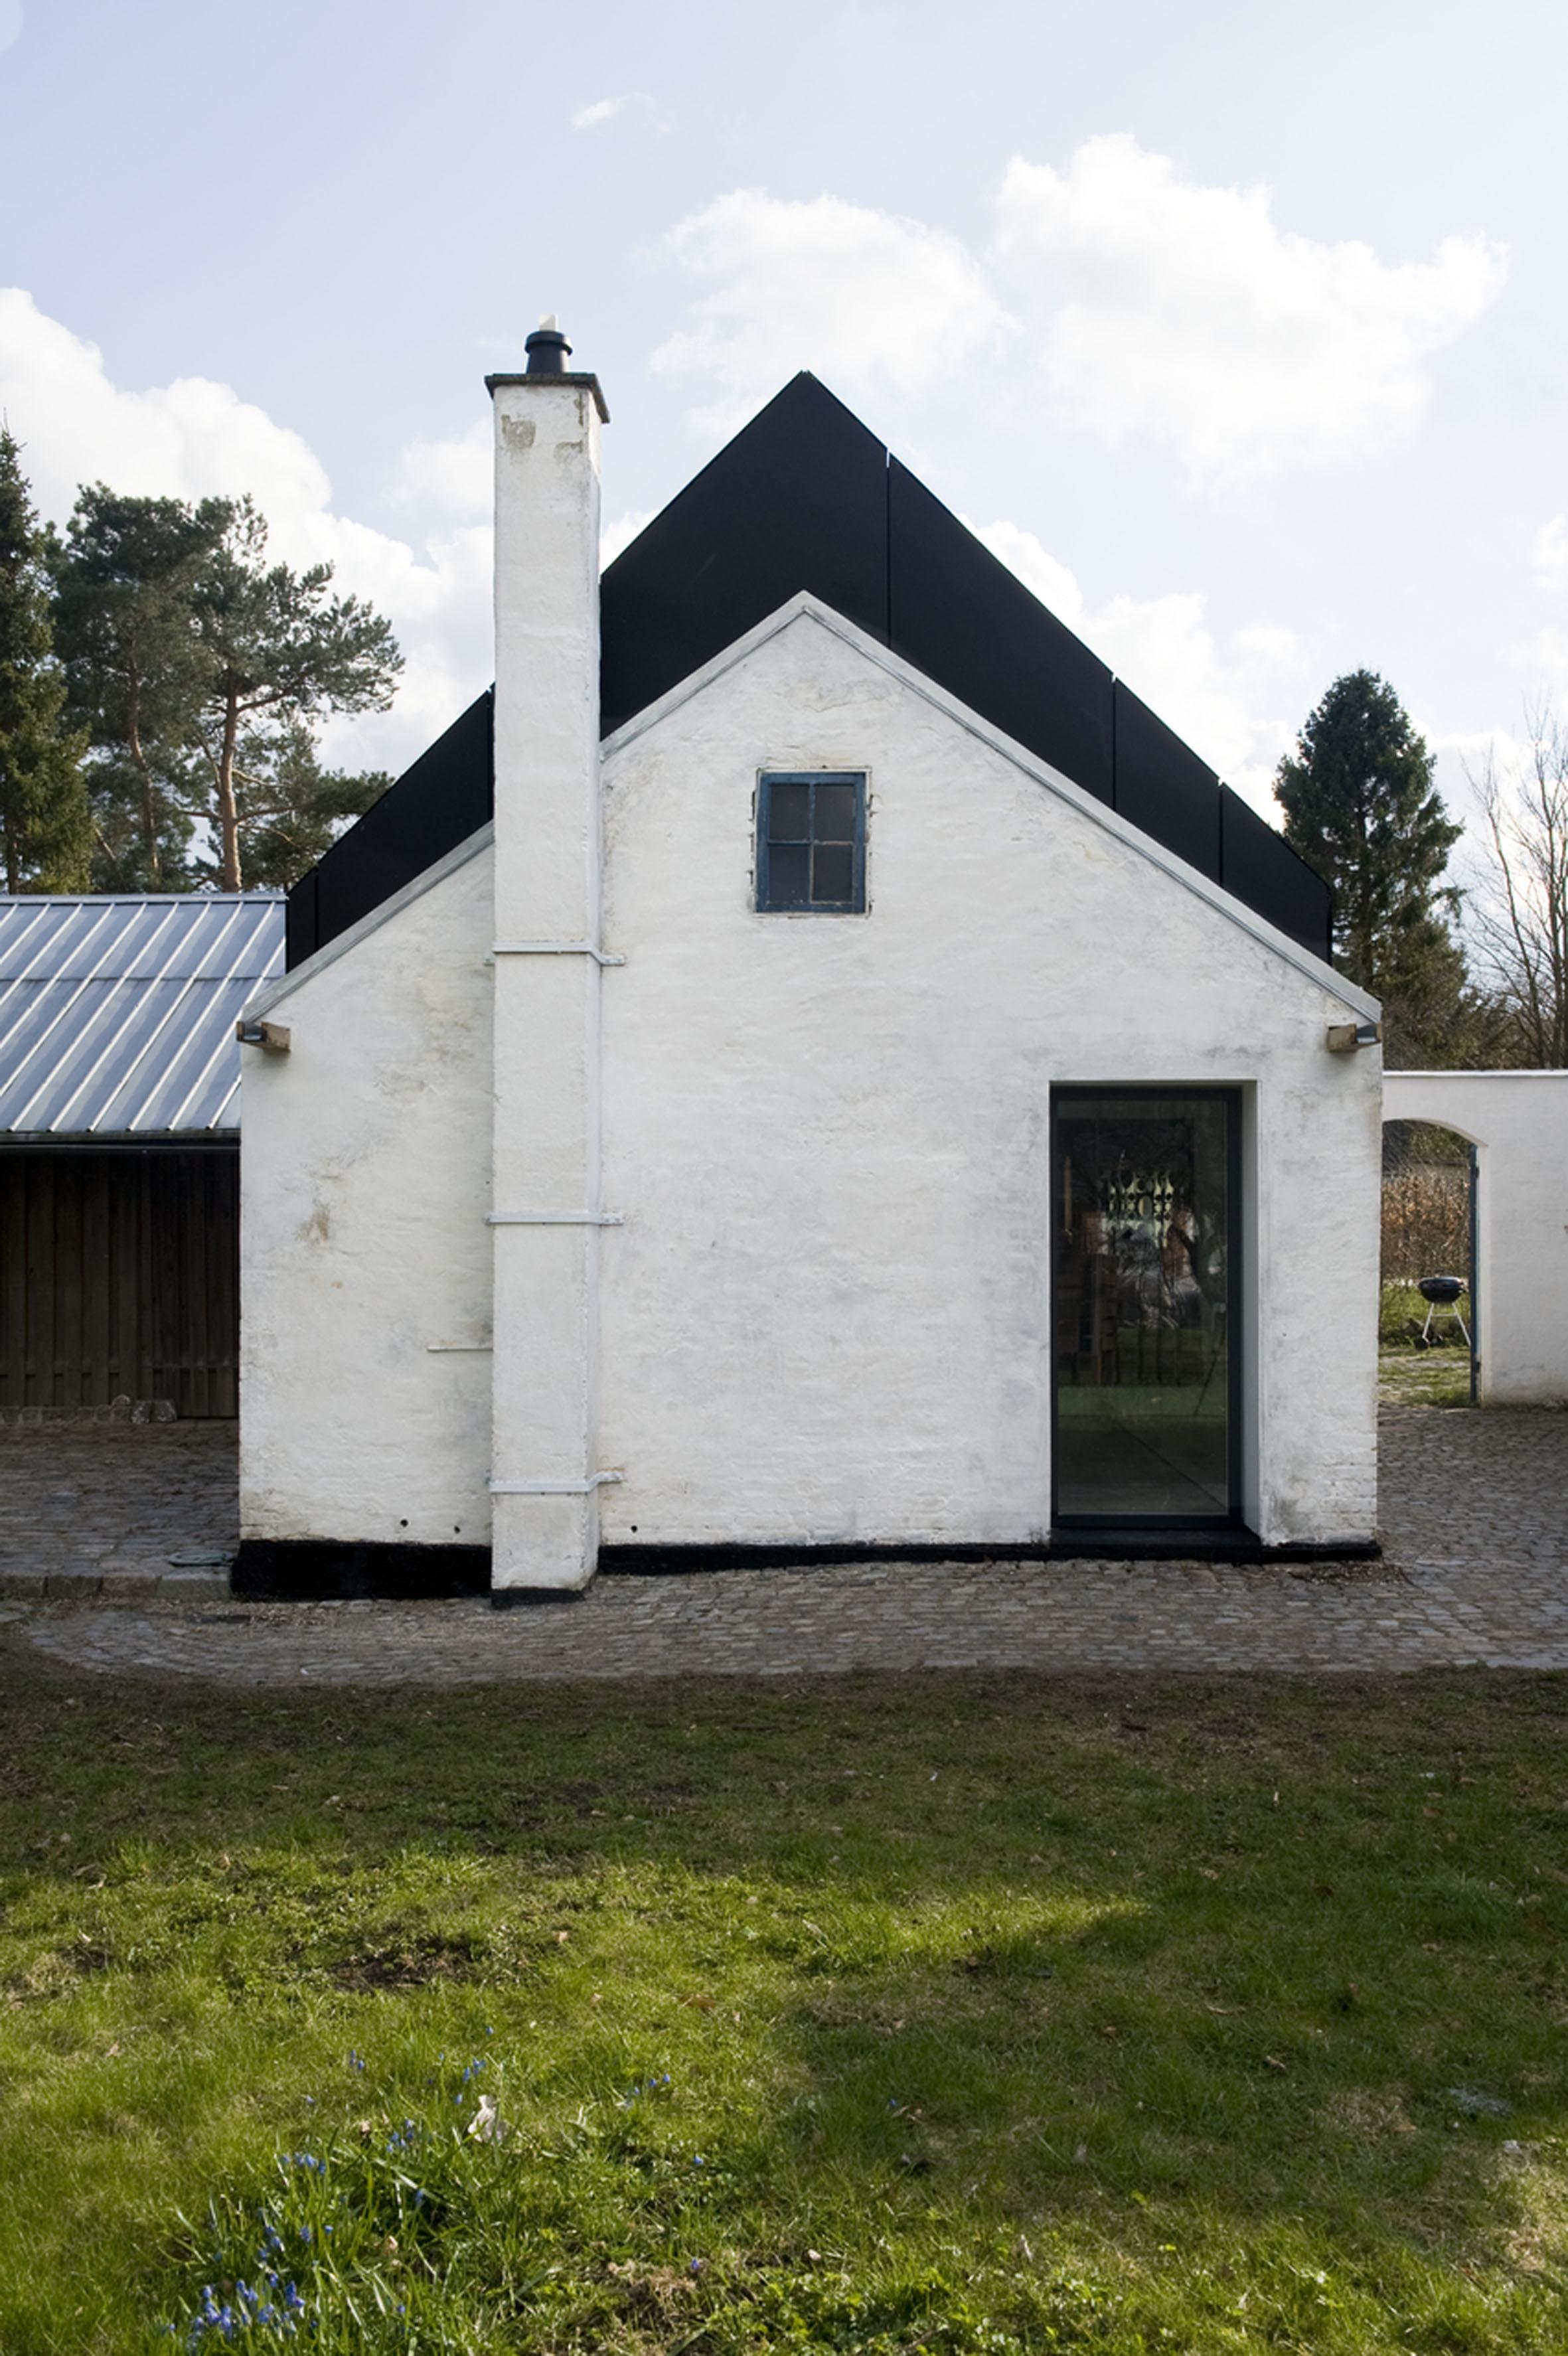 Farum house view of the facade.